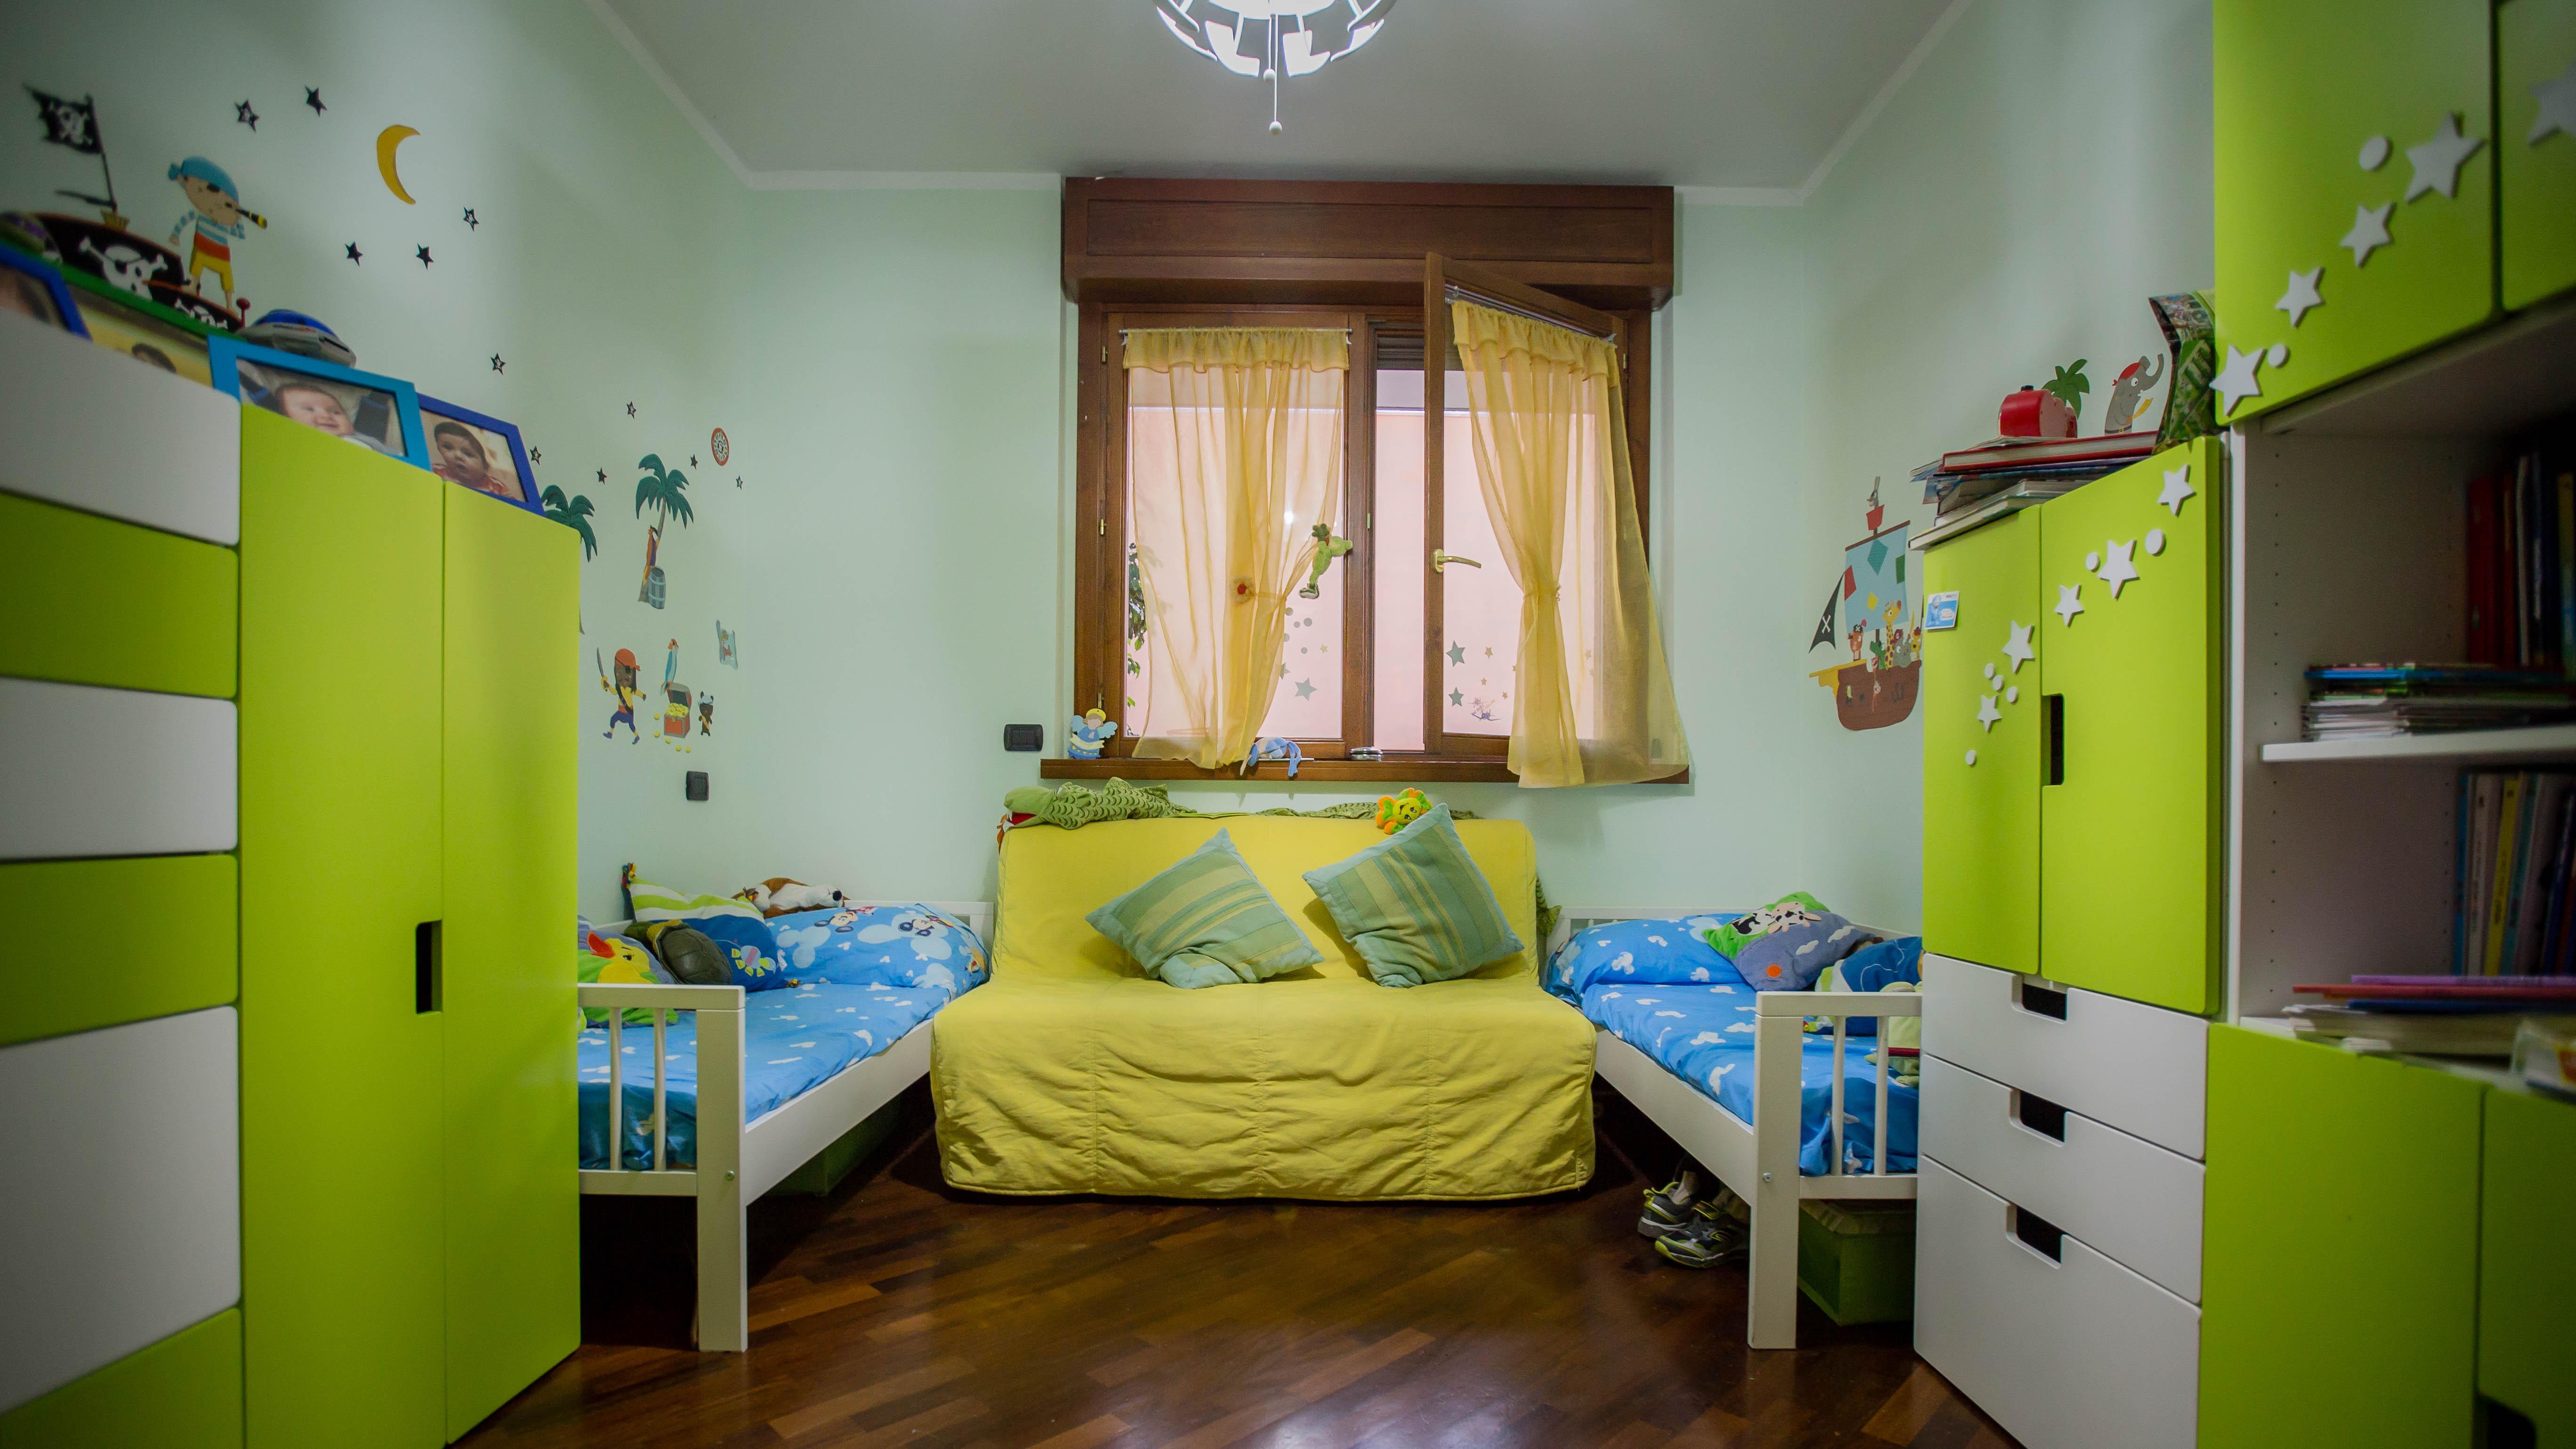 Come Arredare Camera Letto Piccola come arredare una cameretta piccola per i bambini?